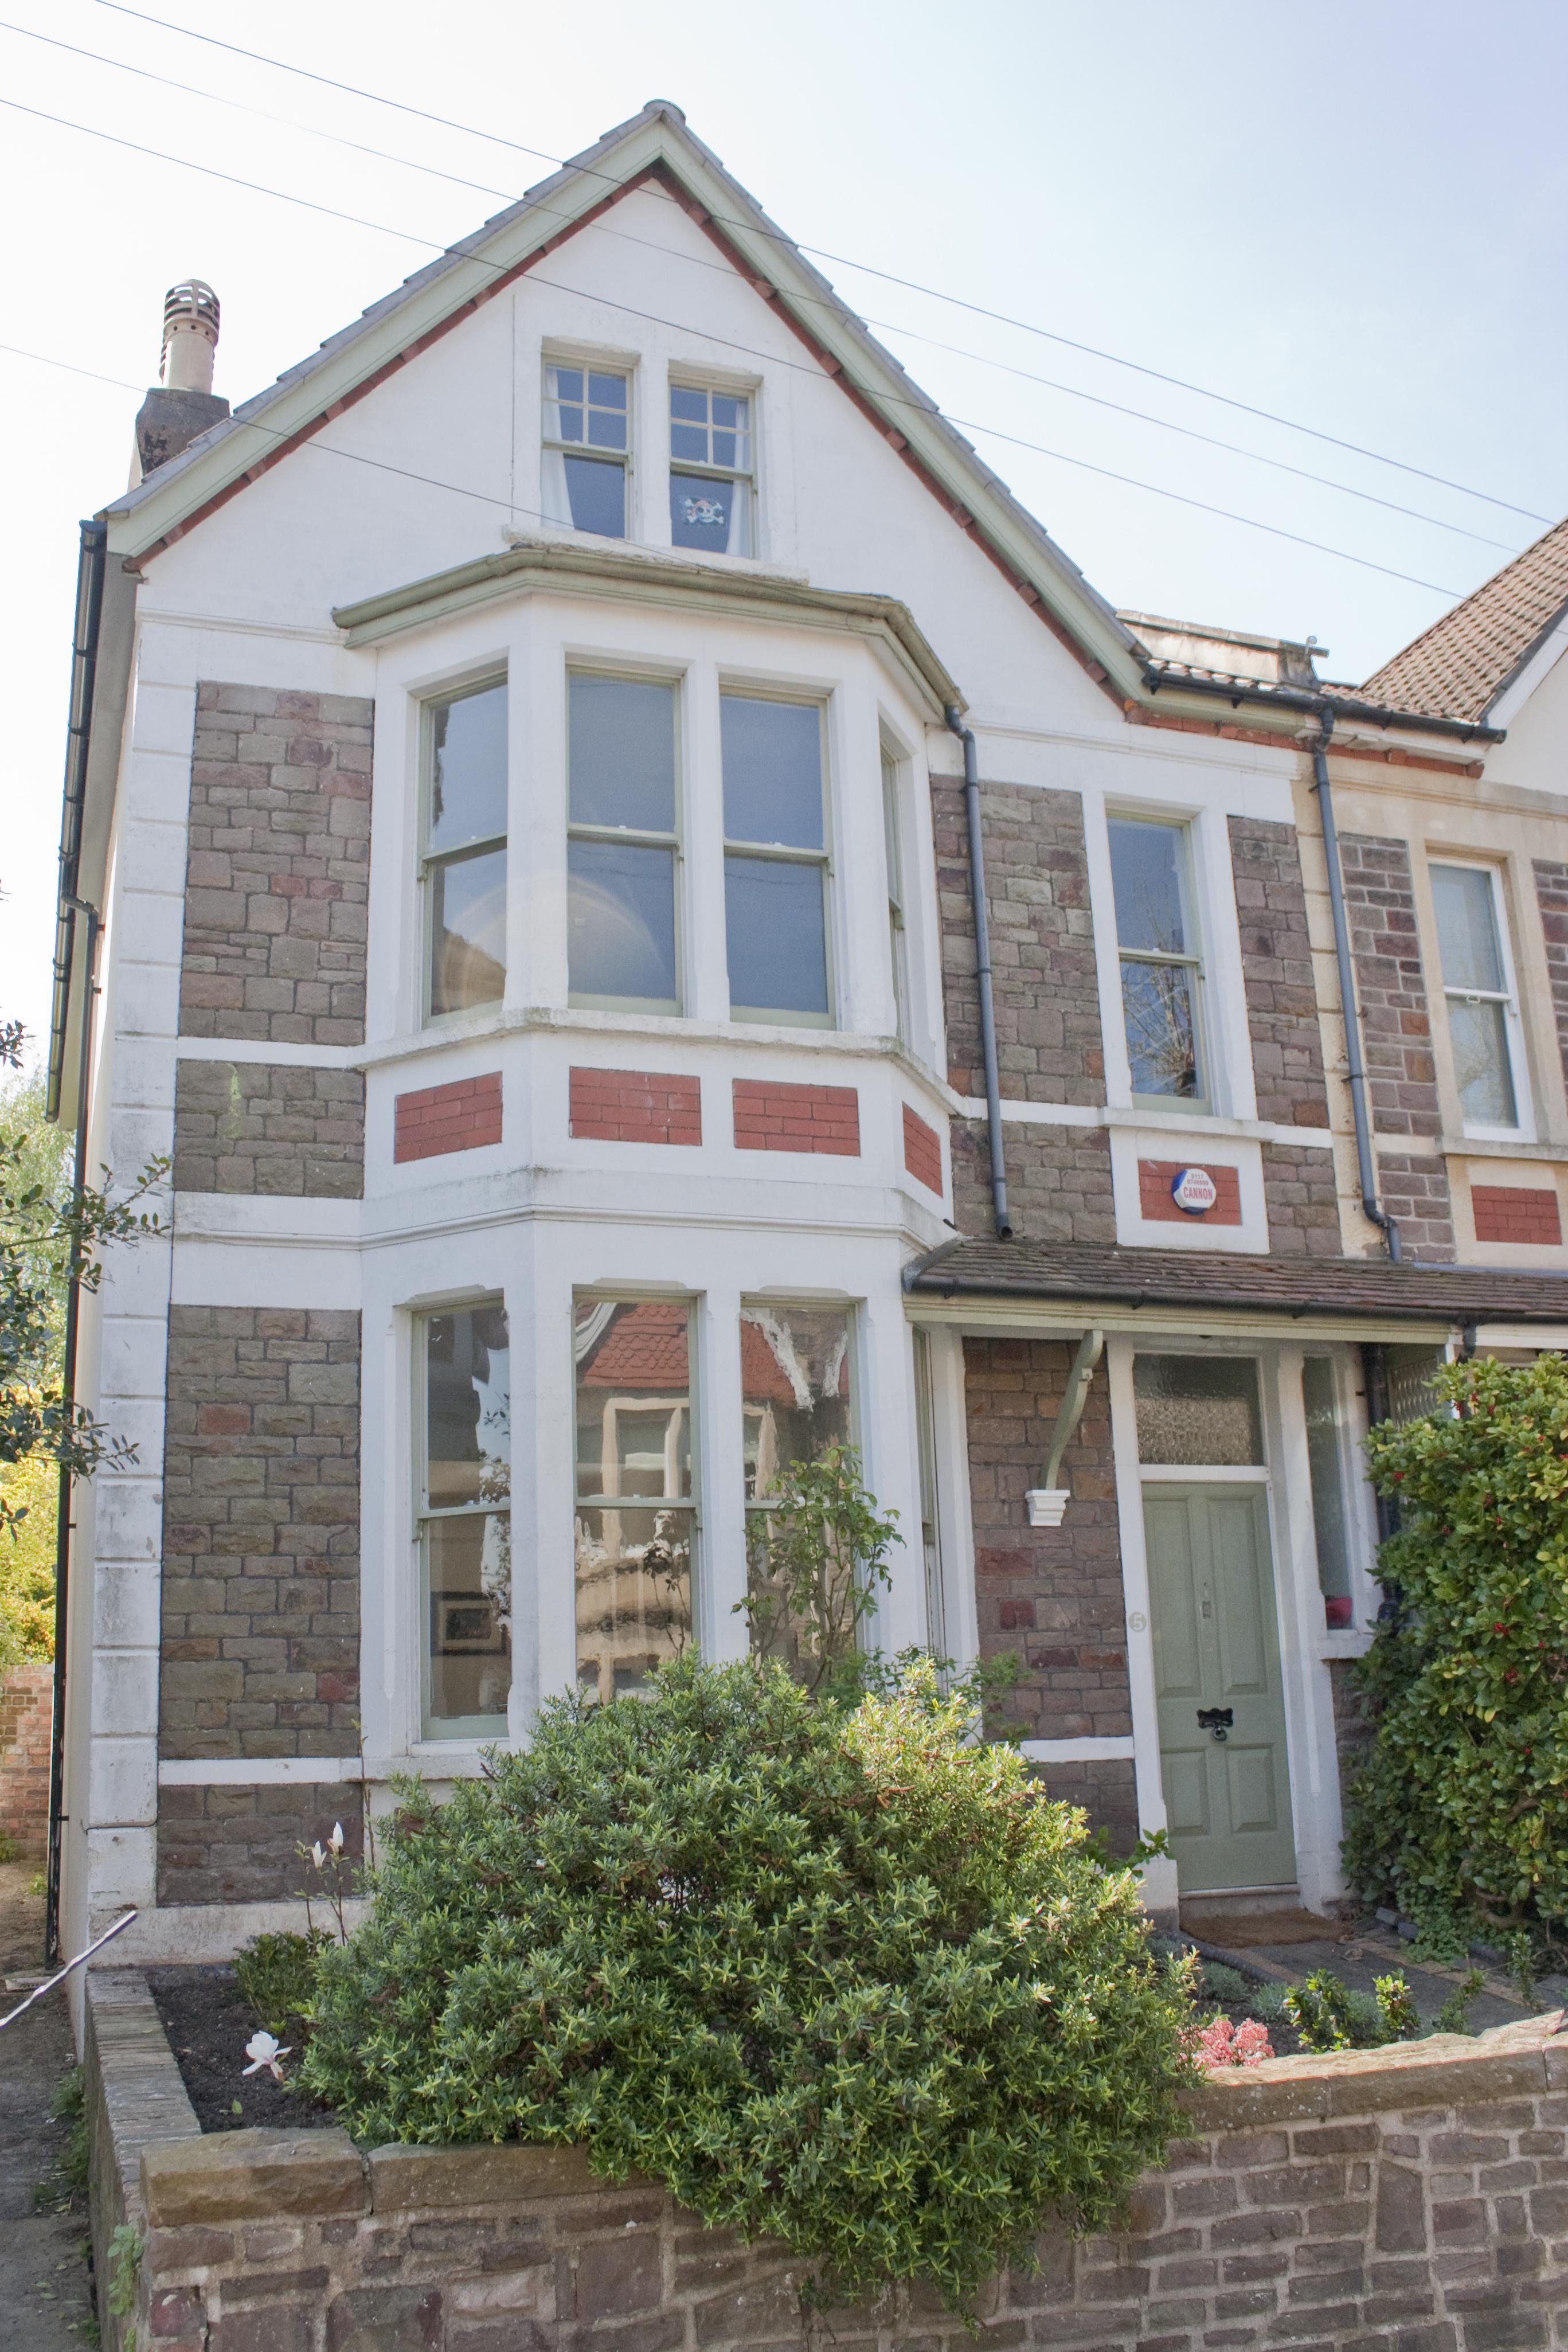 20_Designer's house in Westbury Park, Bristol by DHVA